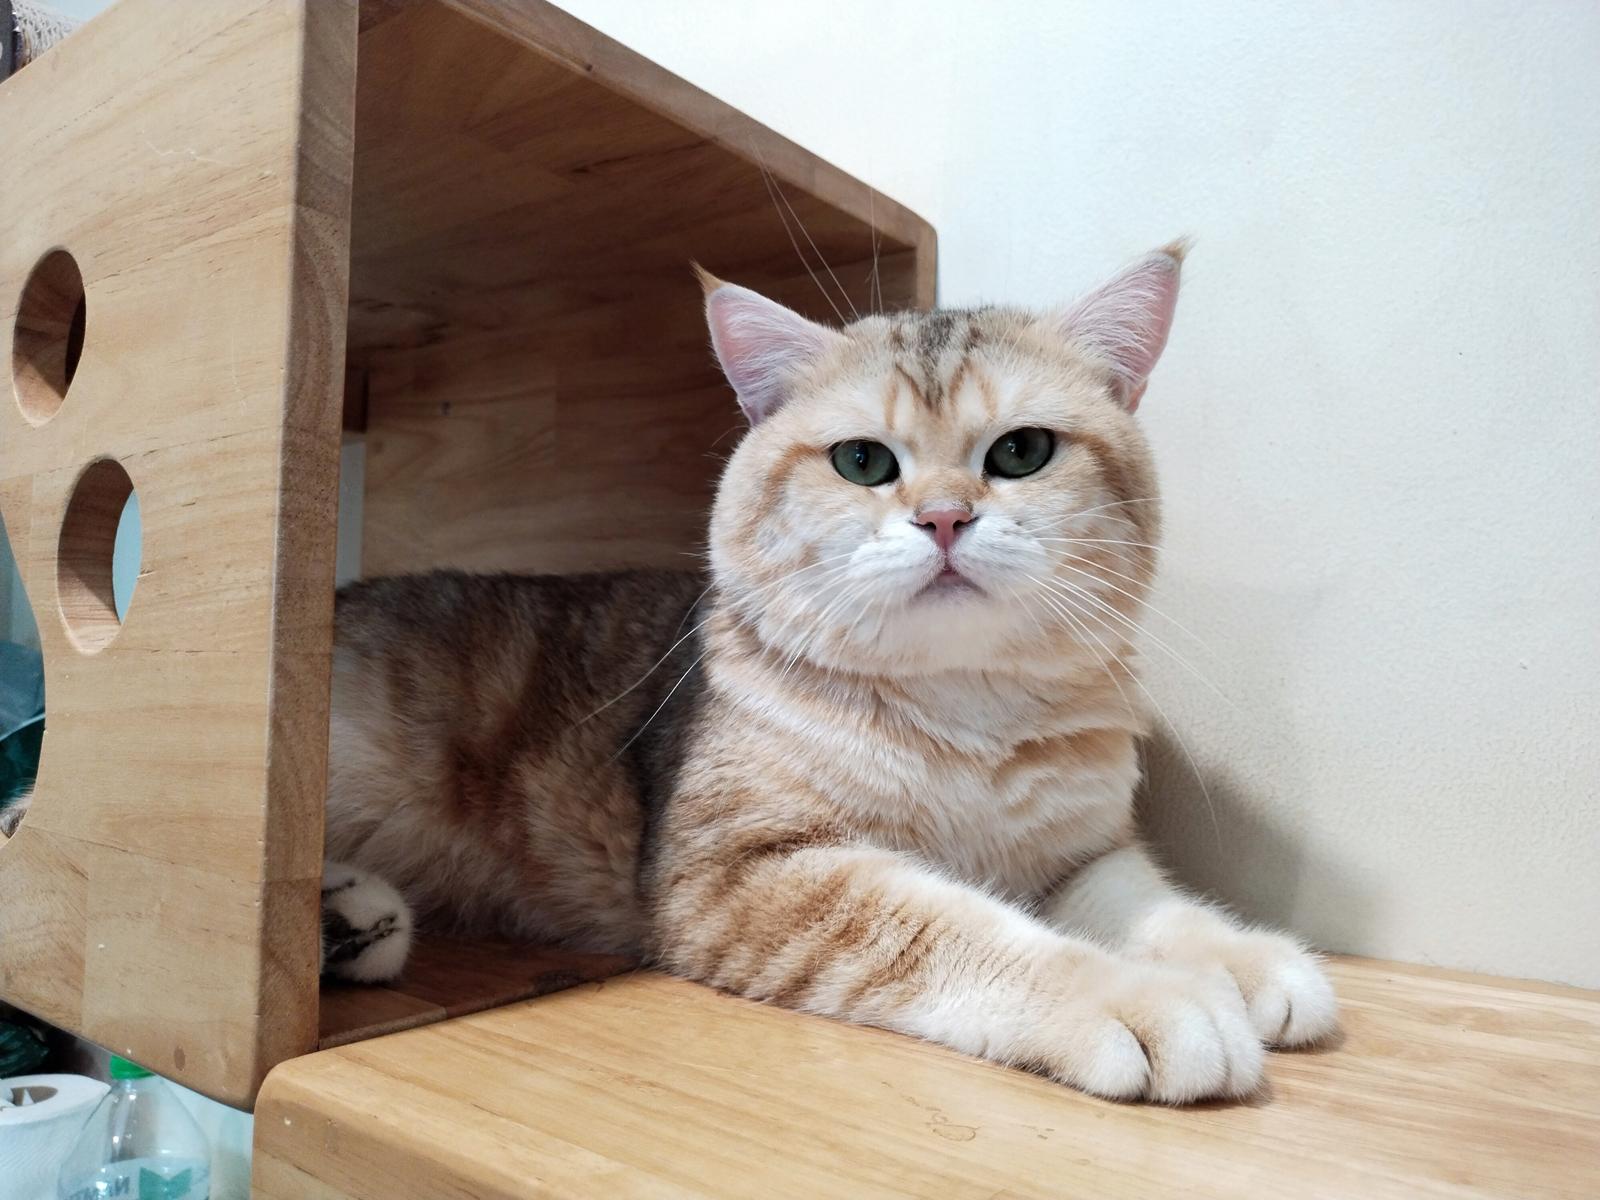 ภาพแมวในบ้าน ถ่ายด้วย Vivo Y31